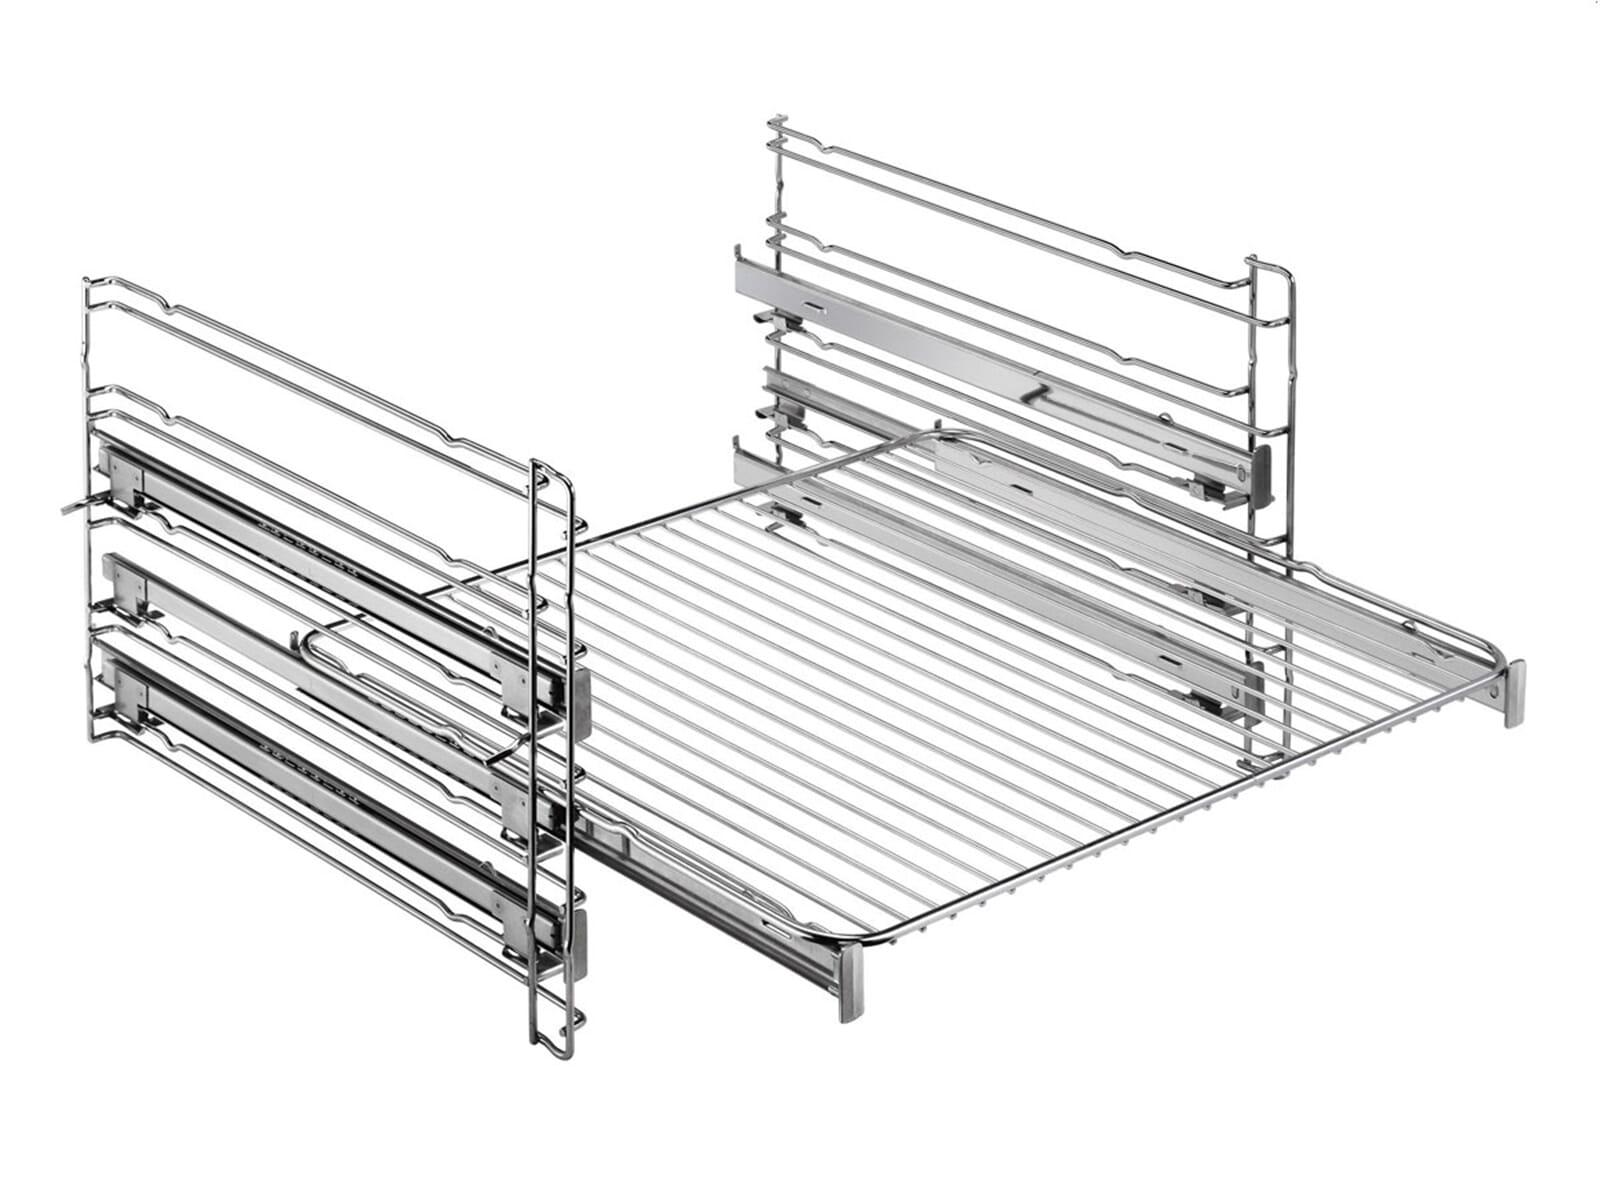 Produktabbildung Zanussi TR3LV_H Flexibler Backauszug 3 Paar